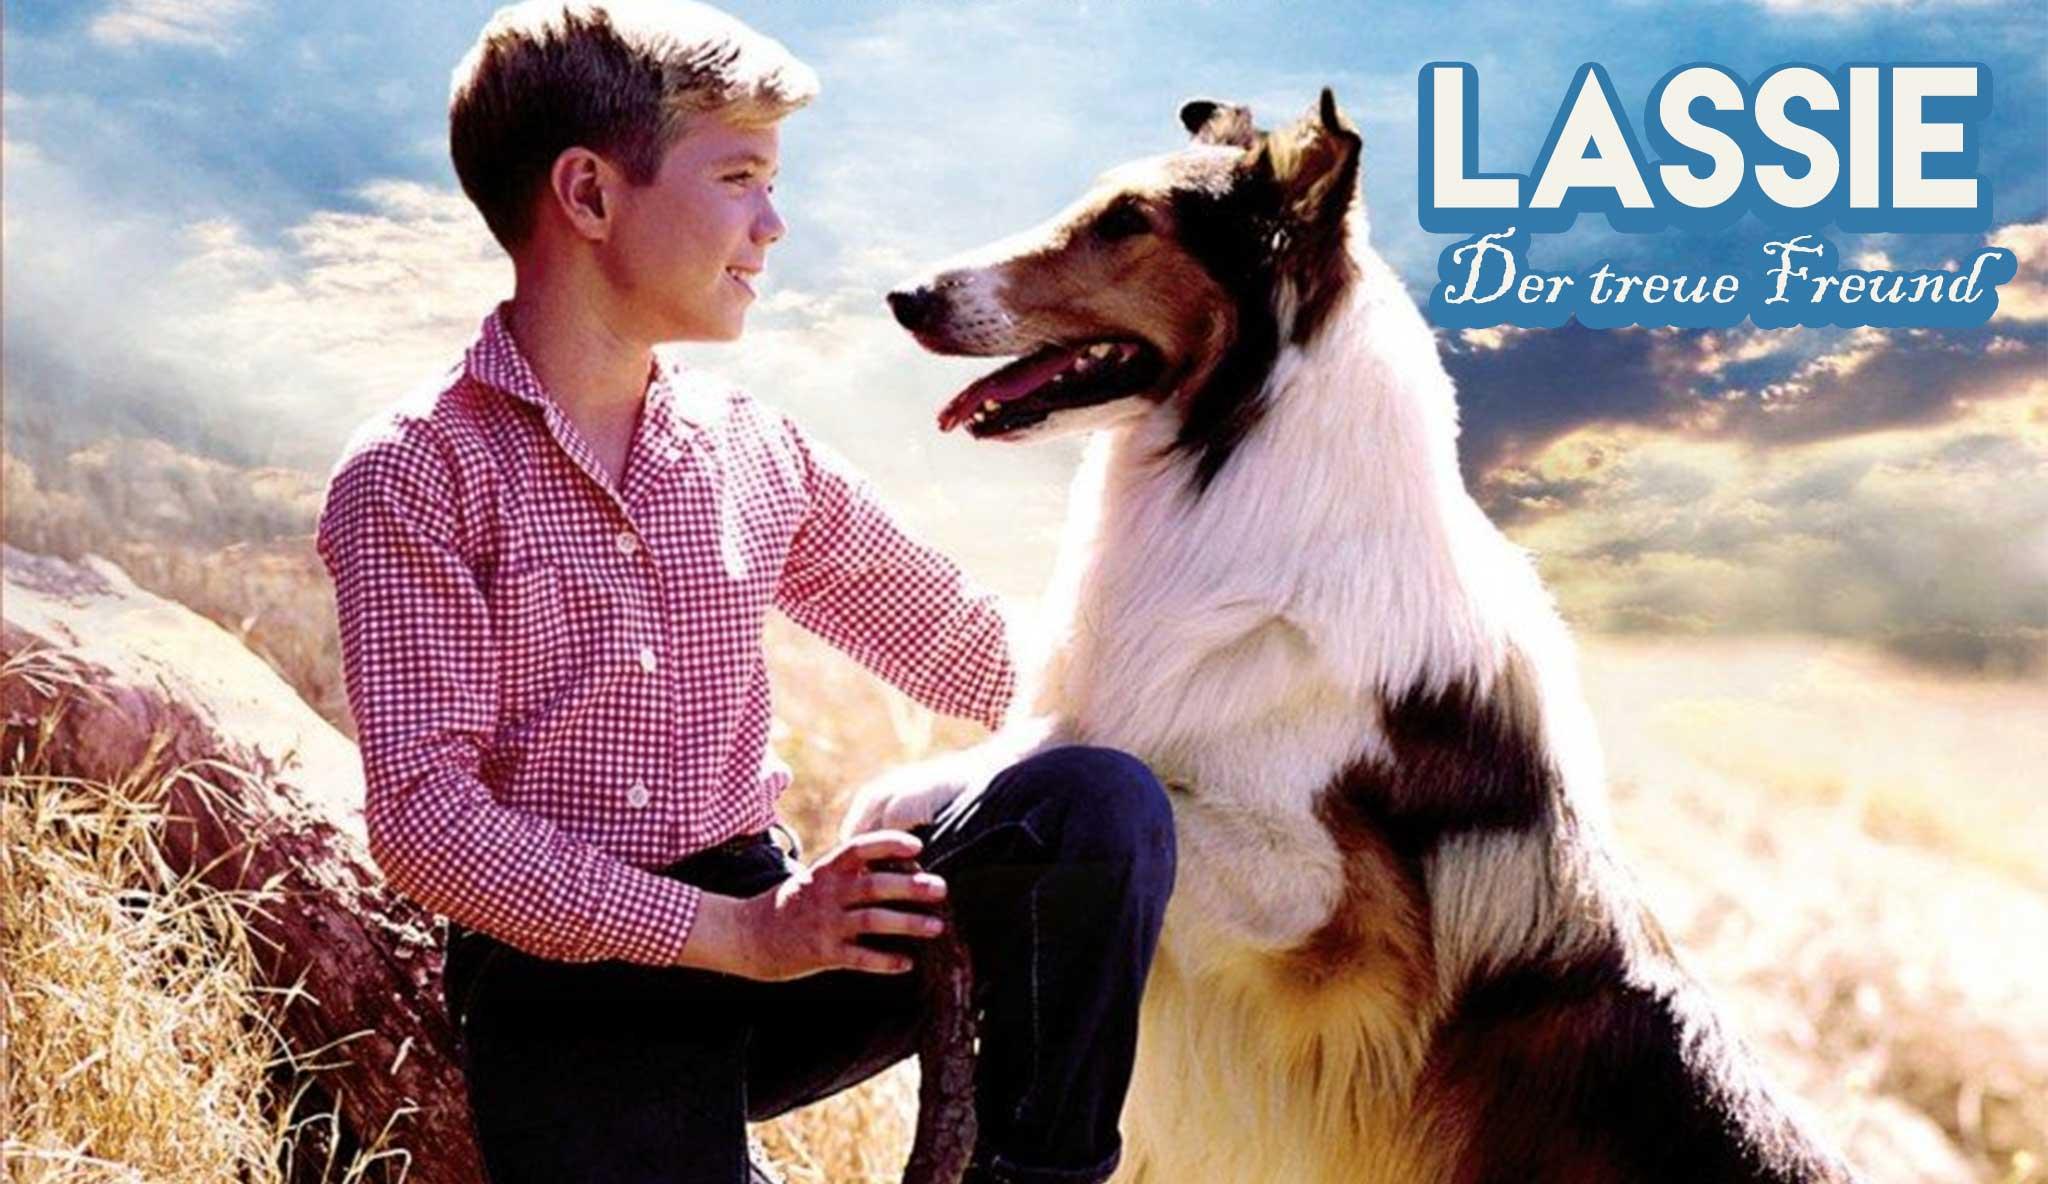 lassie-der-treue-freund\header.jpg